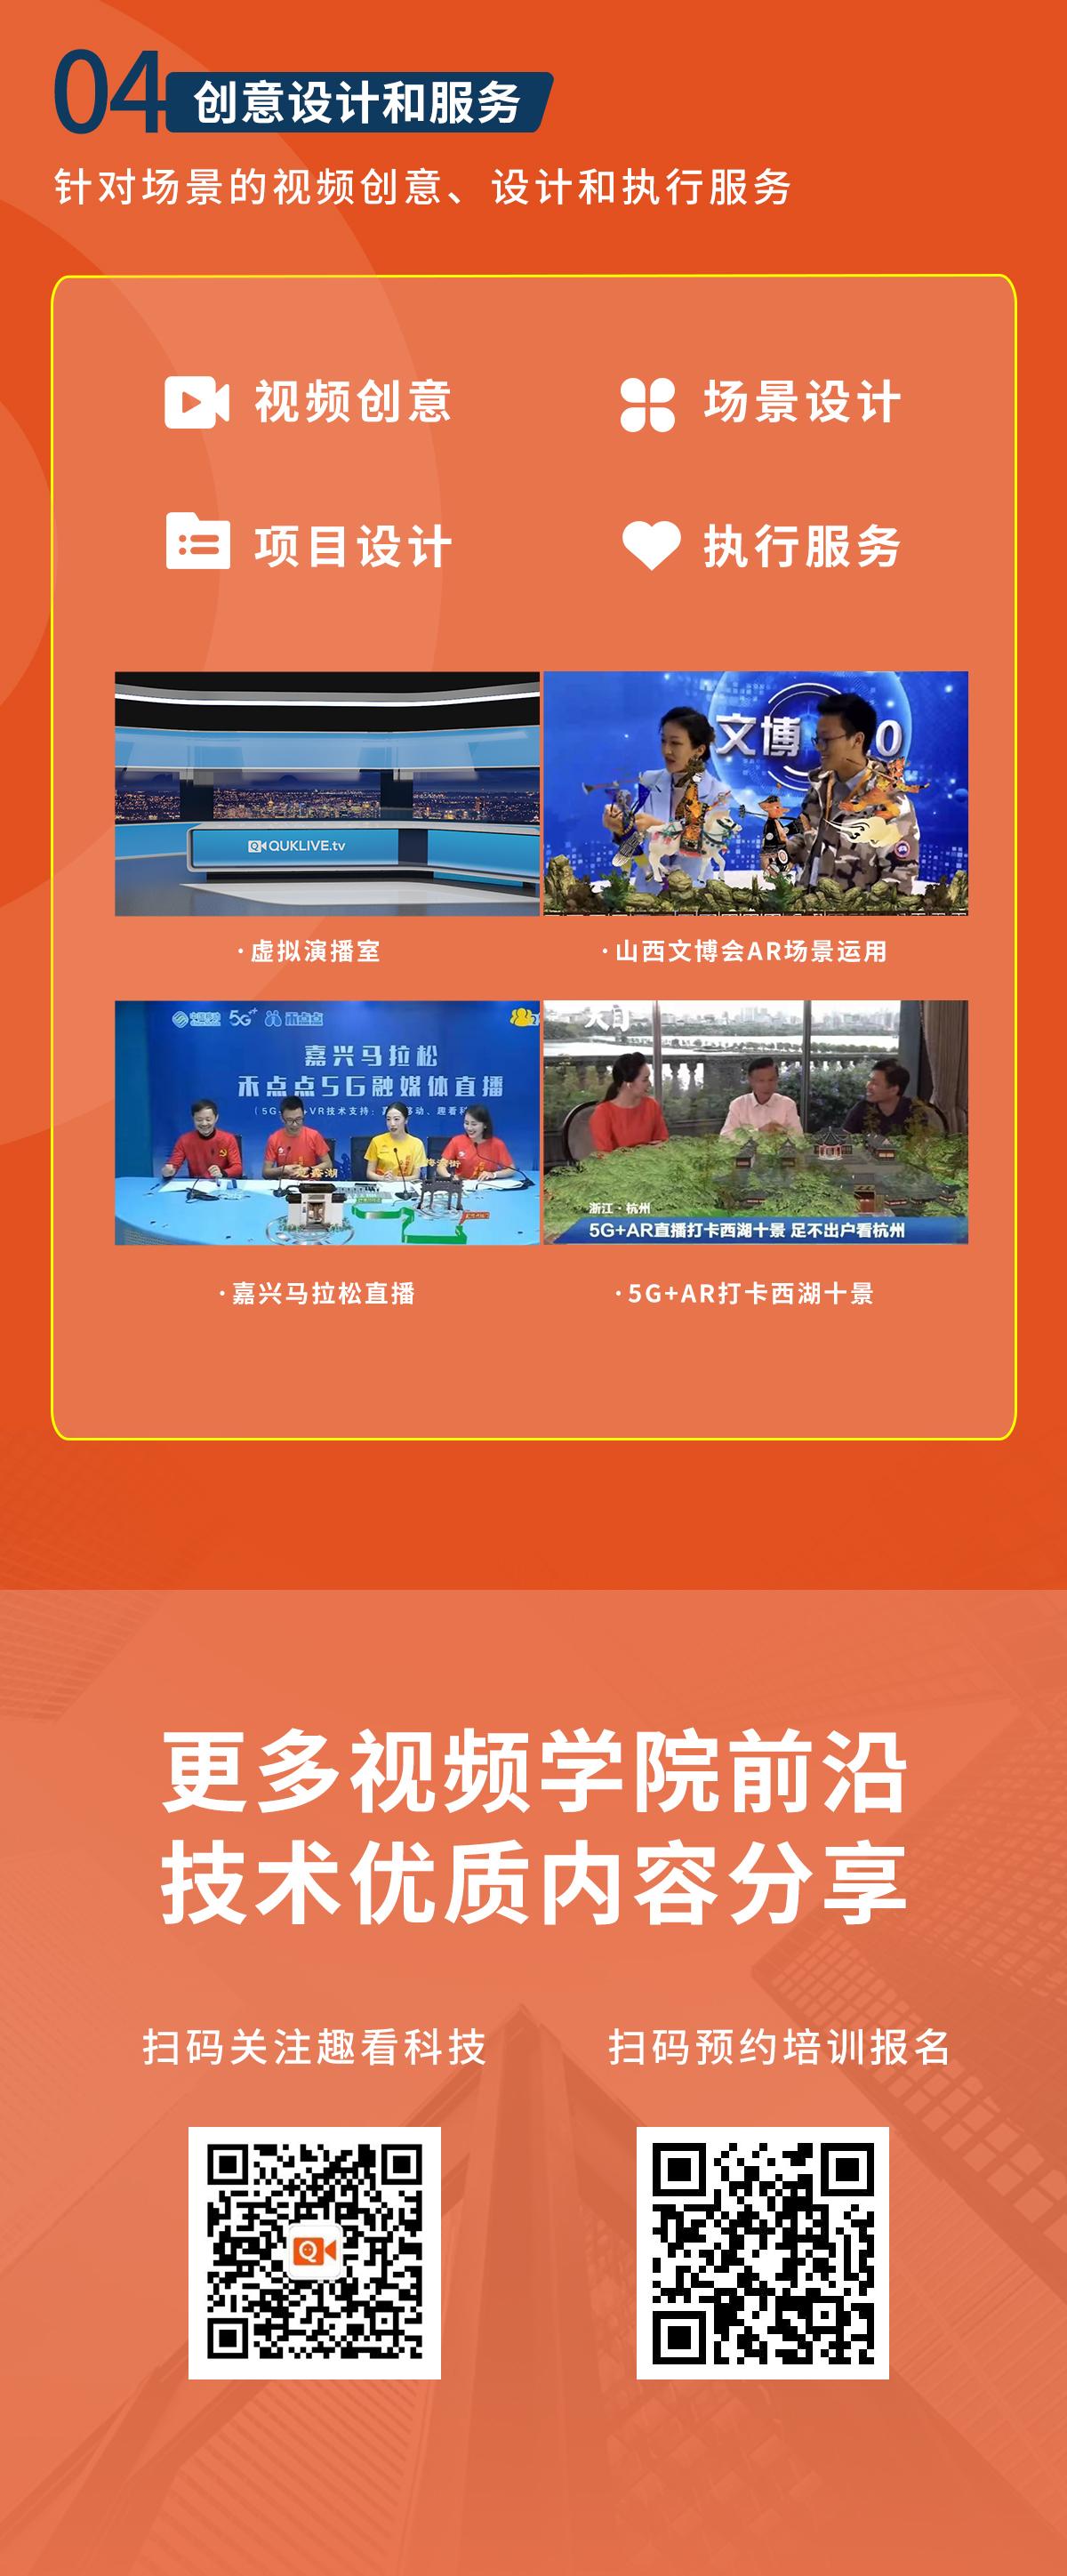 視頻學院3.jpg